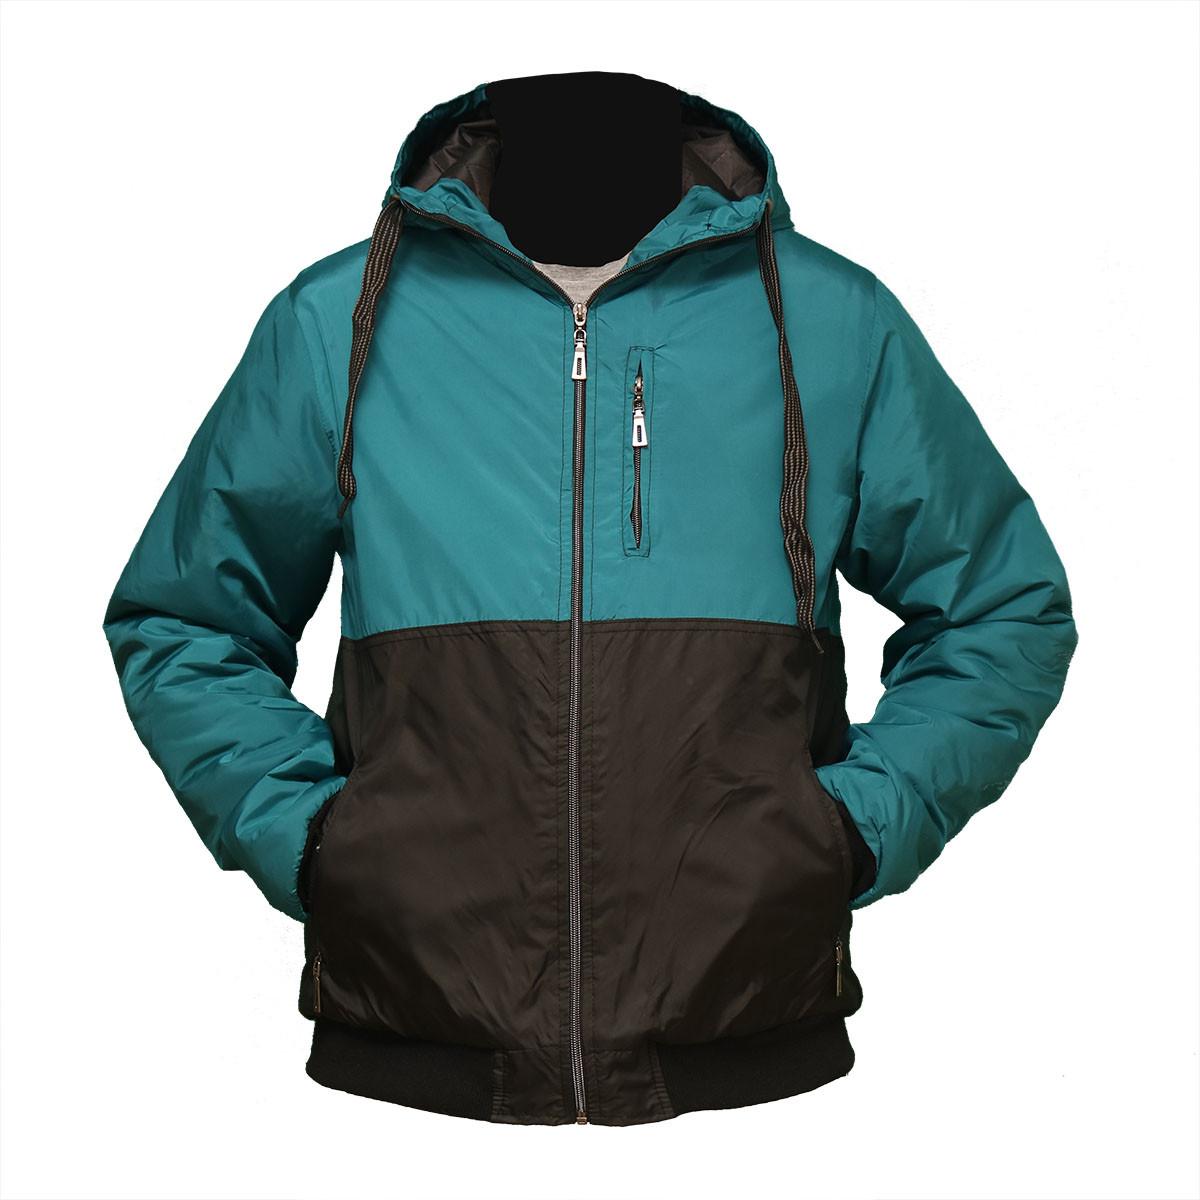 ce00f4cb7 Мужская демисезонная куртка ветровка пр-во. Украина KD455 -  Оптово-розничный интернет-